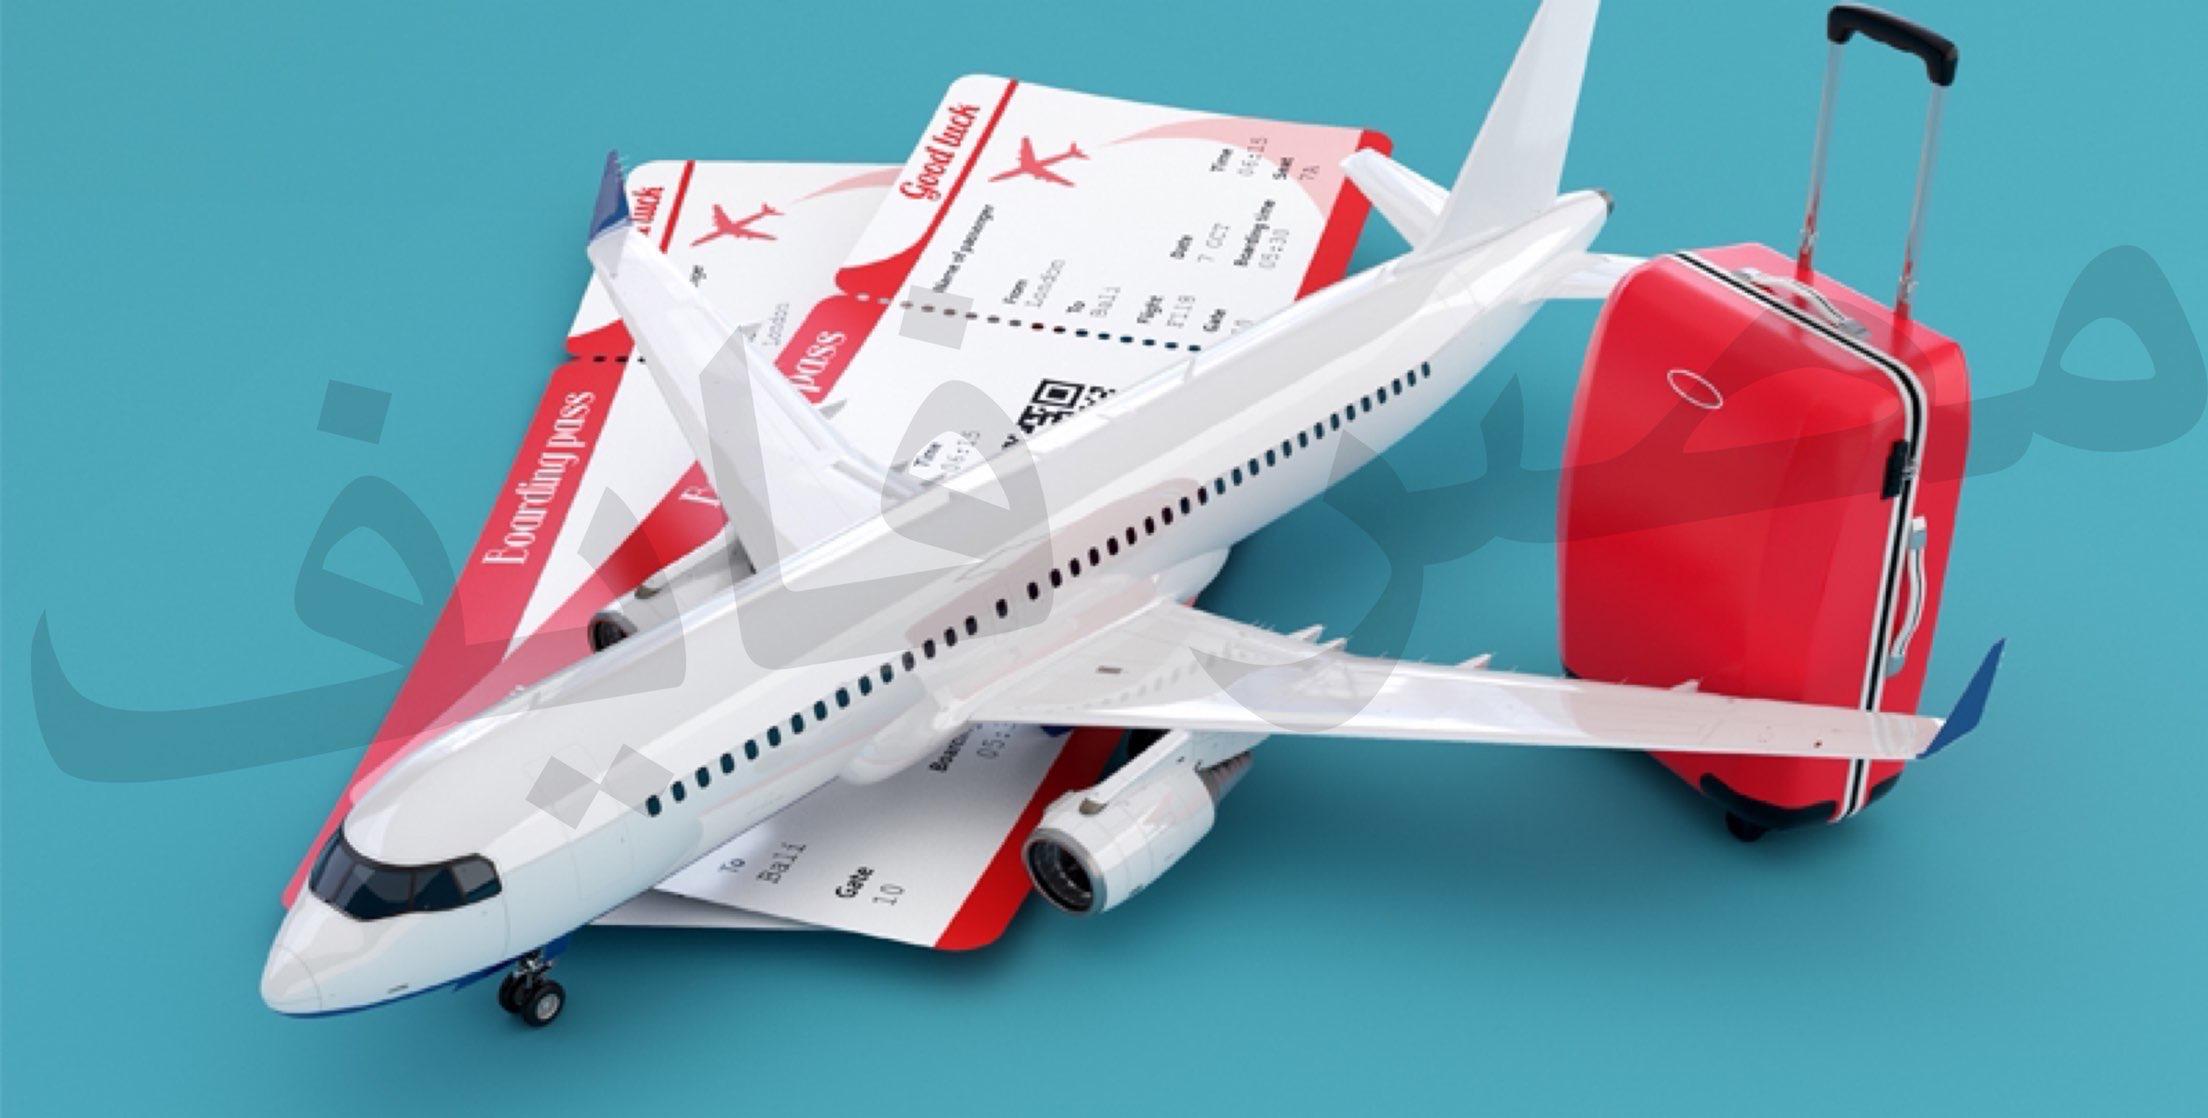 تعرف على أسعار تذاكر الطيران من مصر إلي بعض الدول العربية 2021